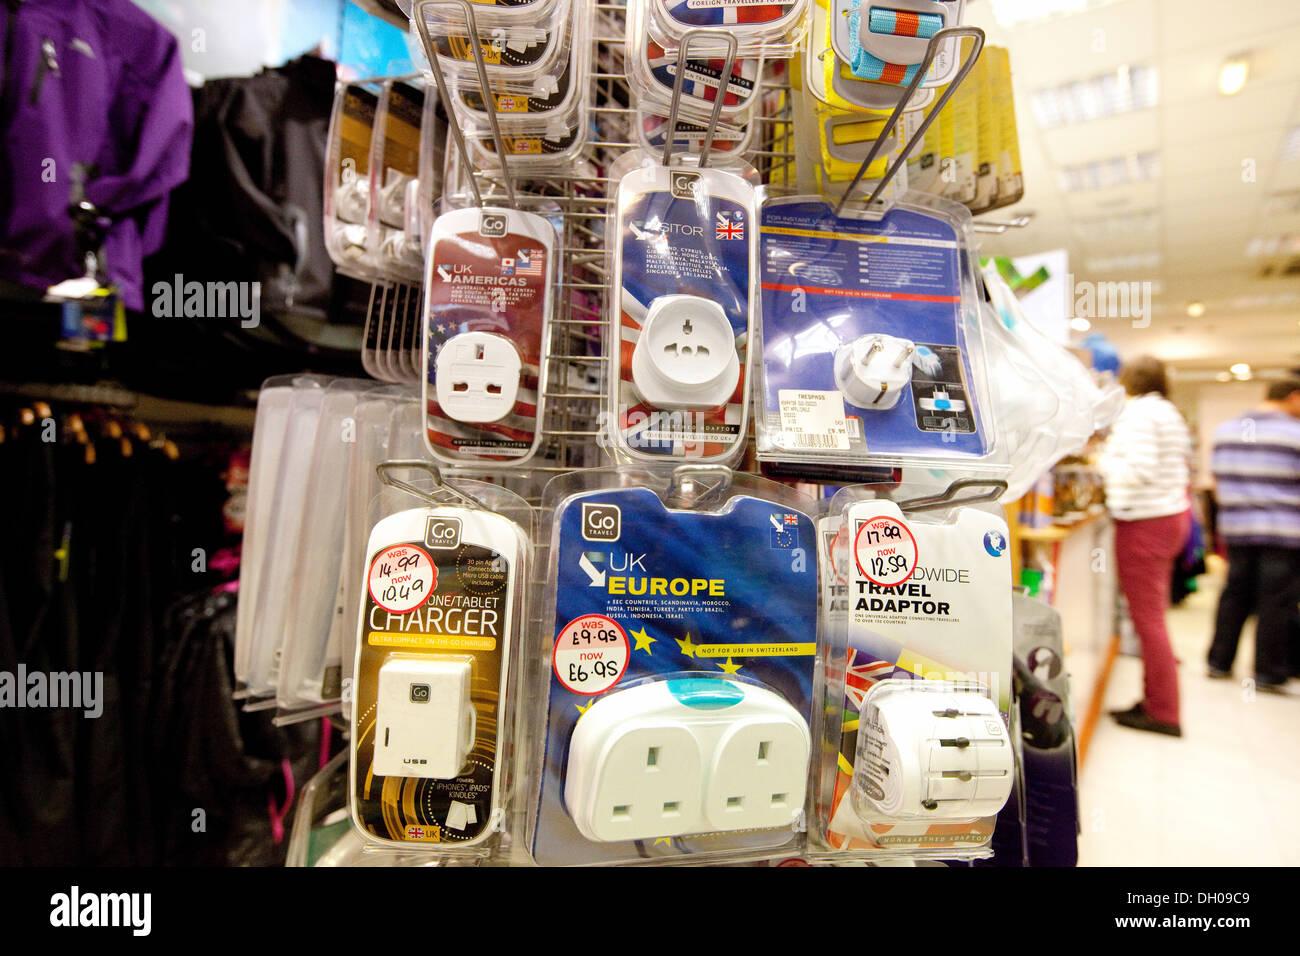 Les bouchons des voyages internationaux en vente dans une boutique, Norwich, UK Photo Stock